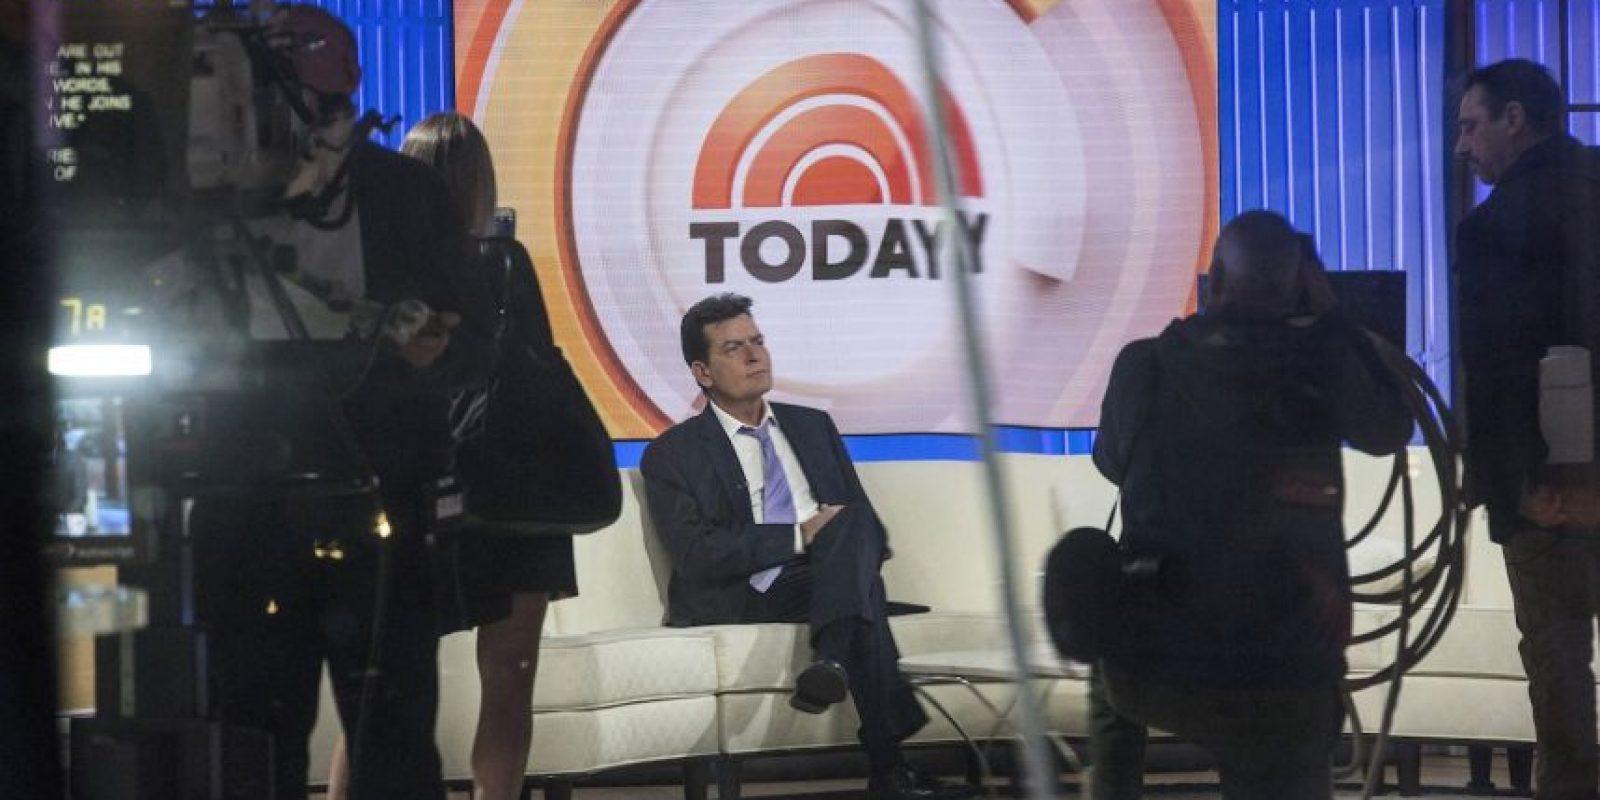 Luego de causar gran polémica, Charlie Sheen confesó ser el portador del virus de inmunodeficiencia humana. Foto:Getty Images